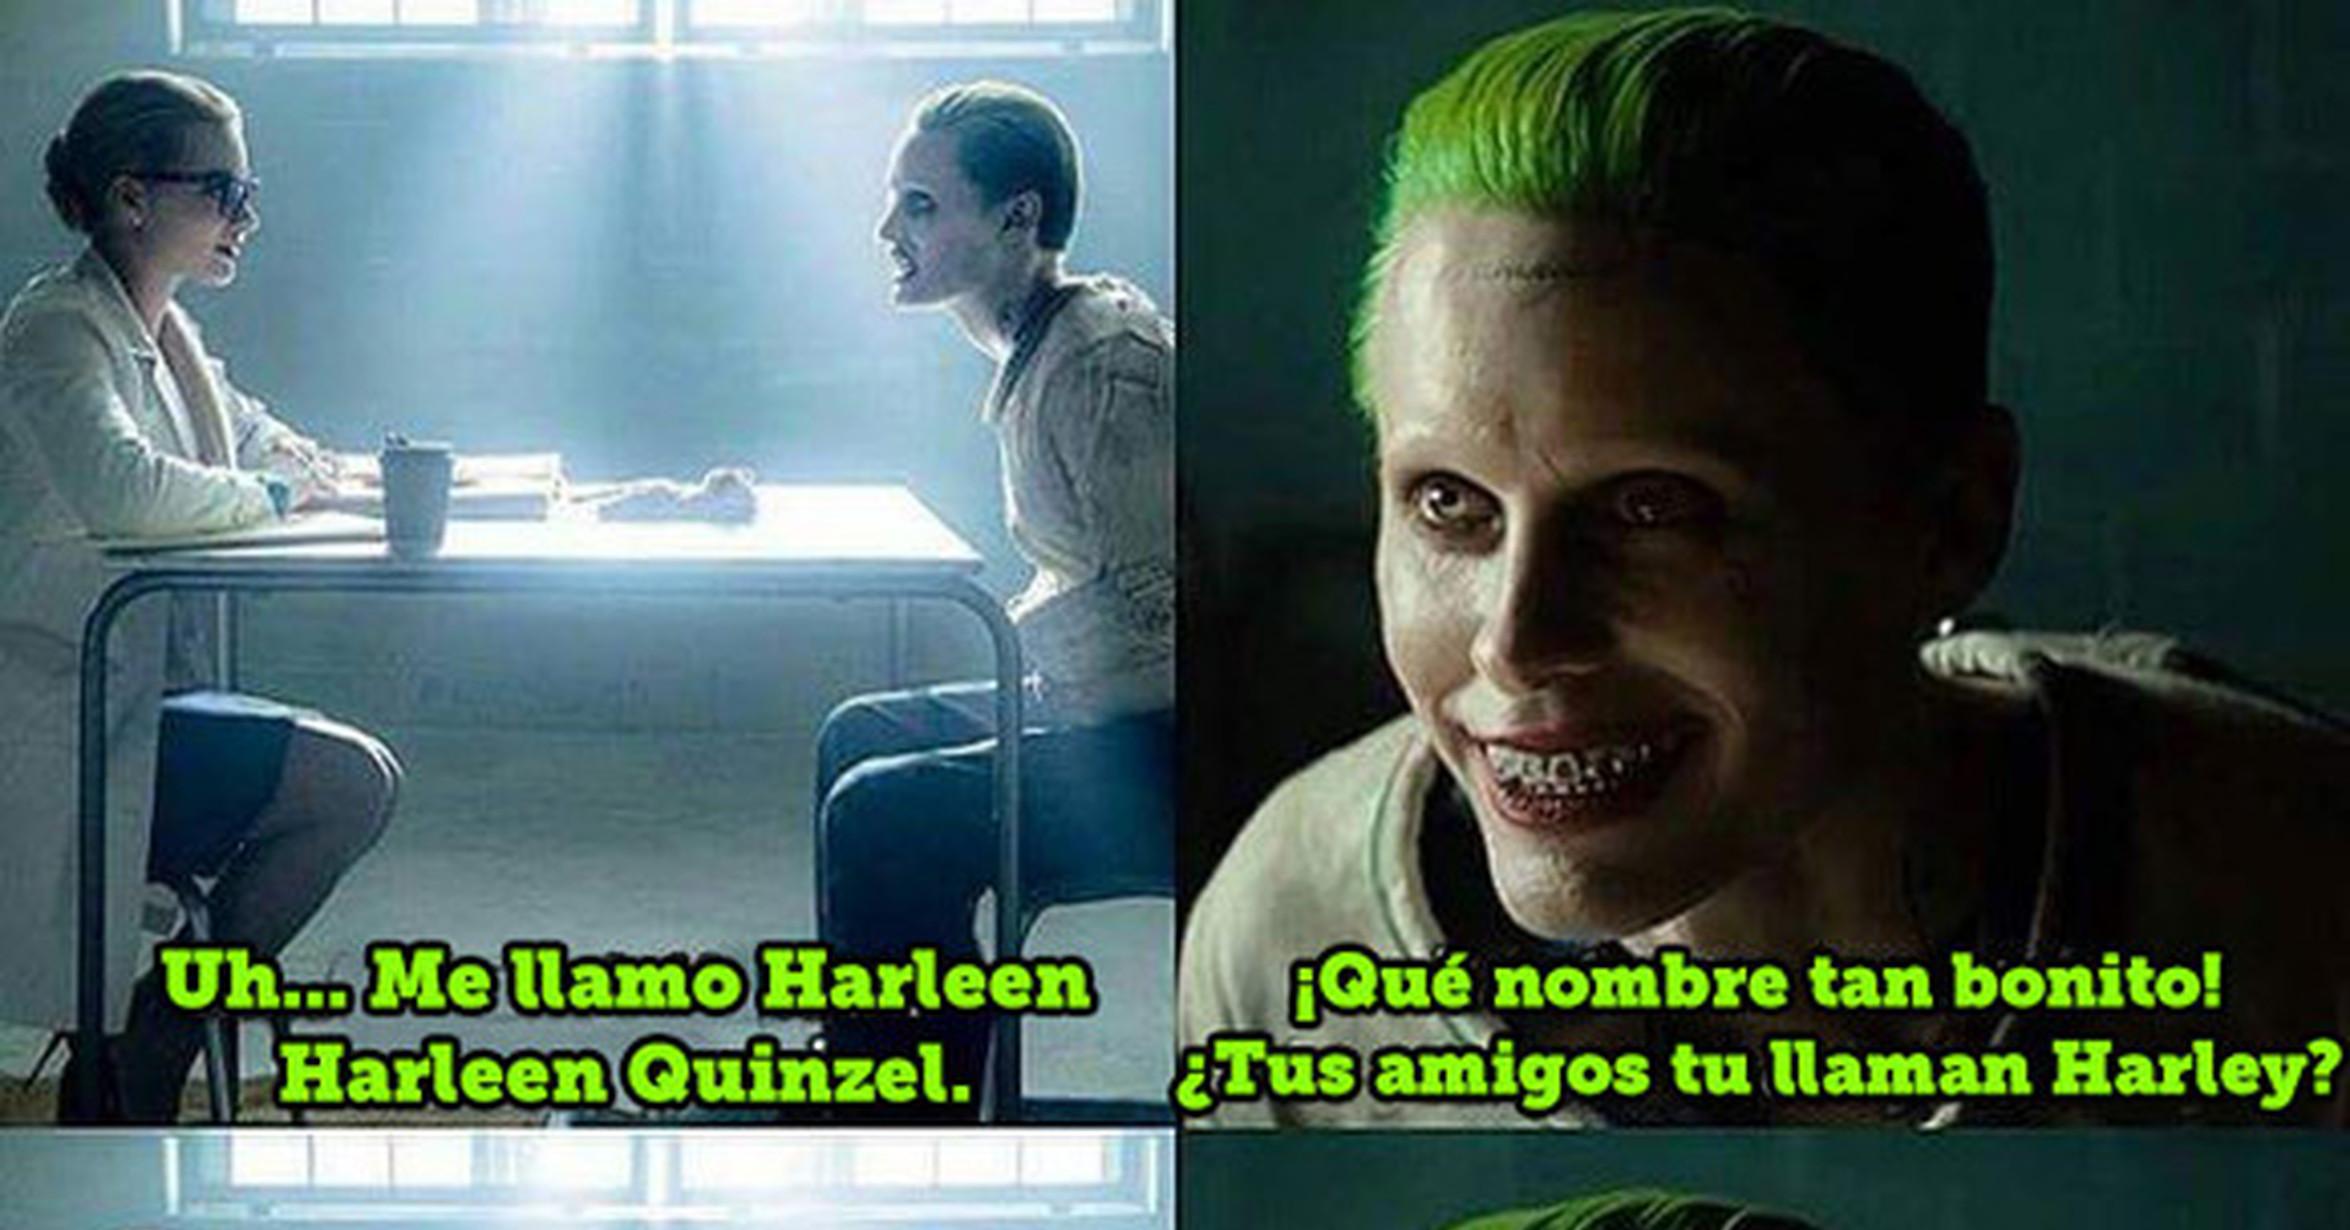 Así fue el primer encuentro entre el Joker y Harley Quinn